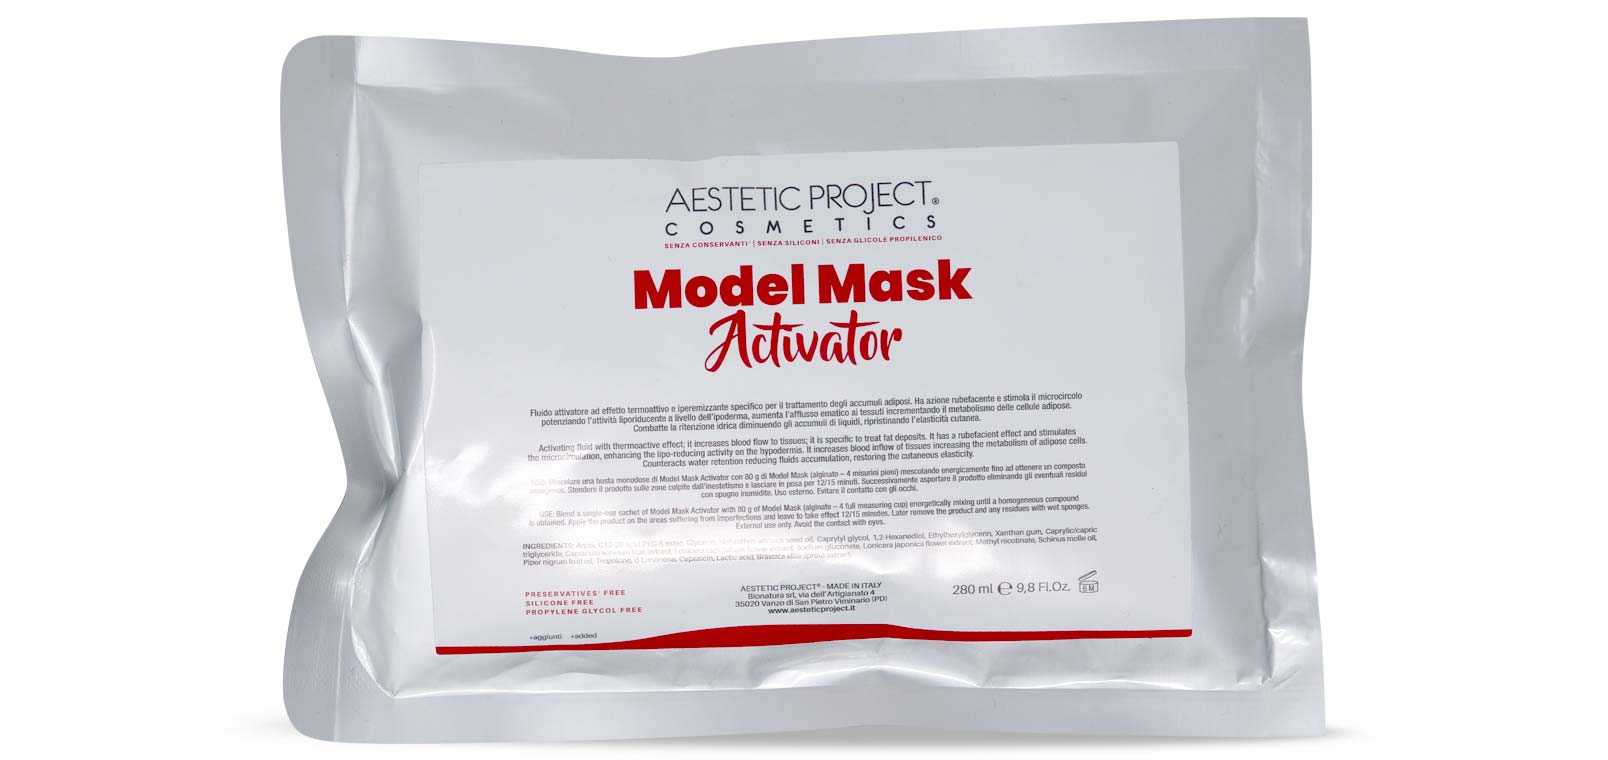 Model Mask Activator: Trattamento estetico professionale rassodante glutei Lato B